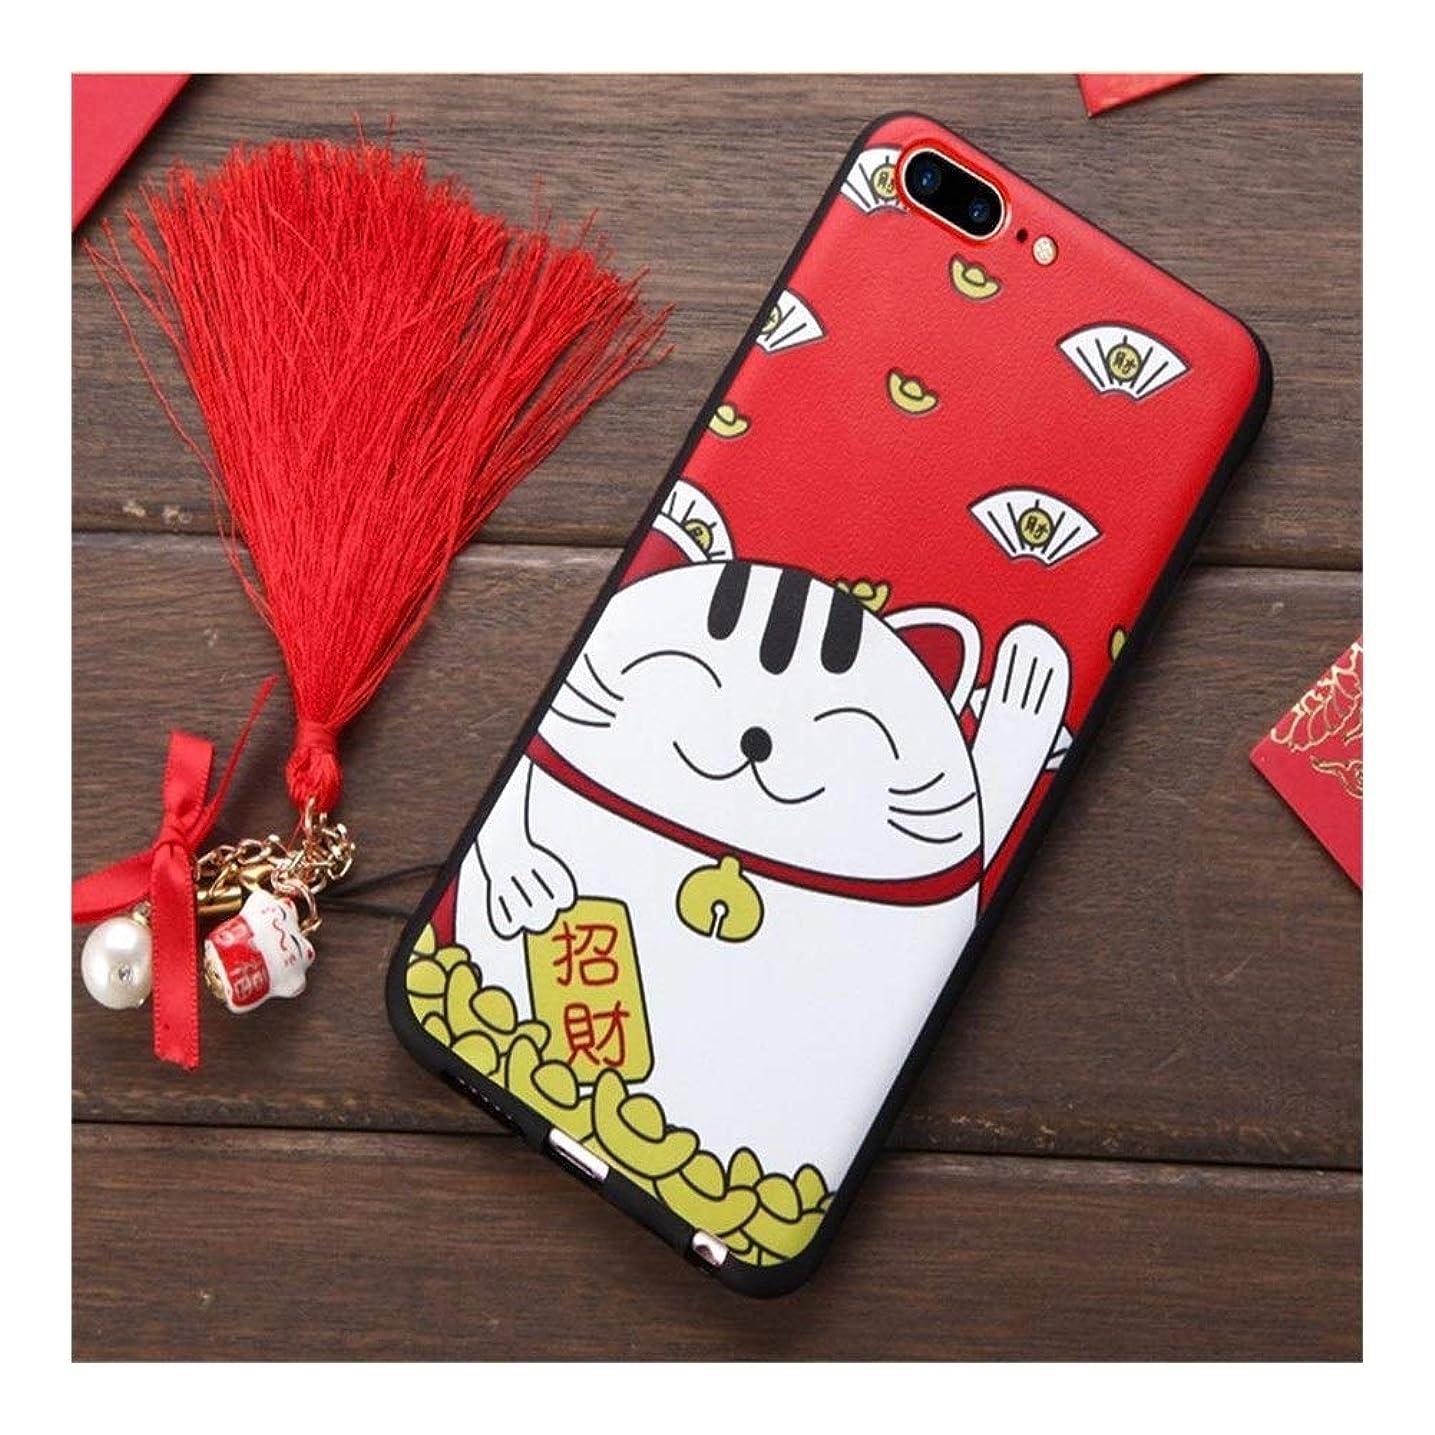 金貸し女将彫刻家DingFaS スマホケース 招き猫 for Iphone XS MAS/X/XS/8/7/8P/7P/6/6S/5/5s プリント 携帯ケース カバー 落下防止 ソフト スマートホンケース (Color : E, Size : Iphone6/6S)